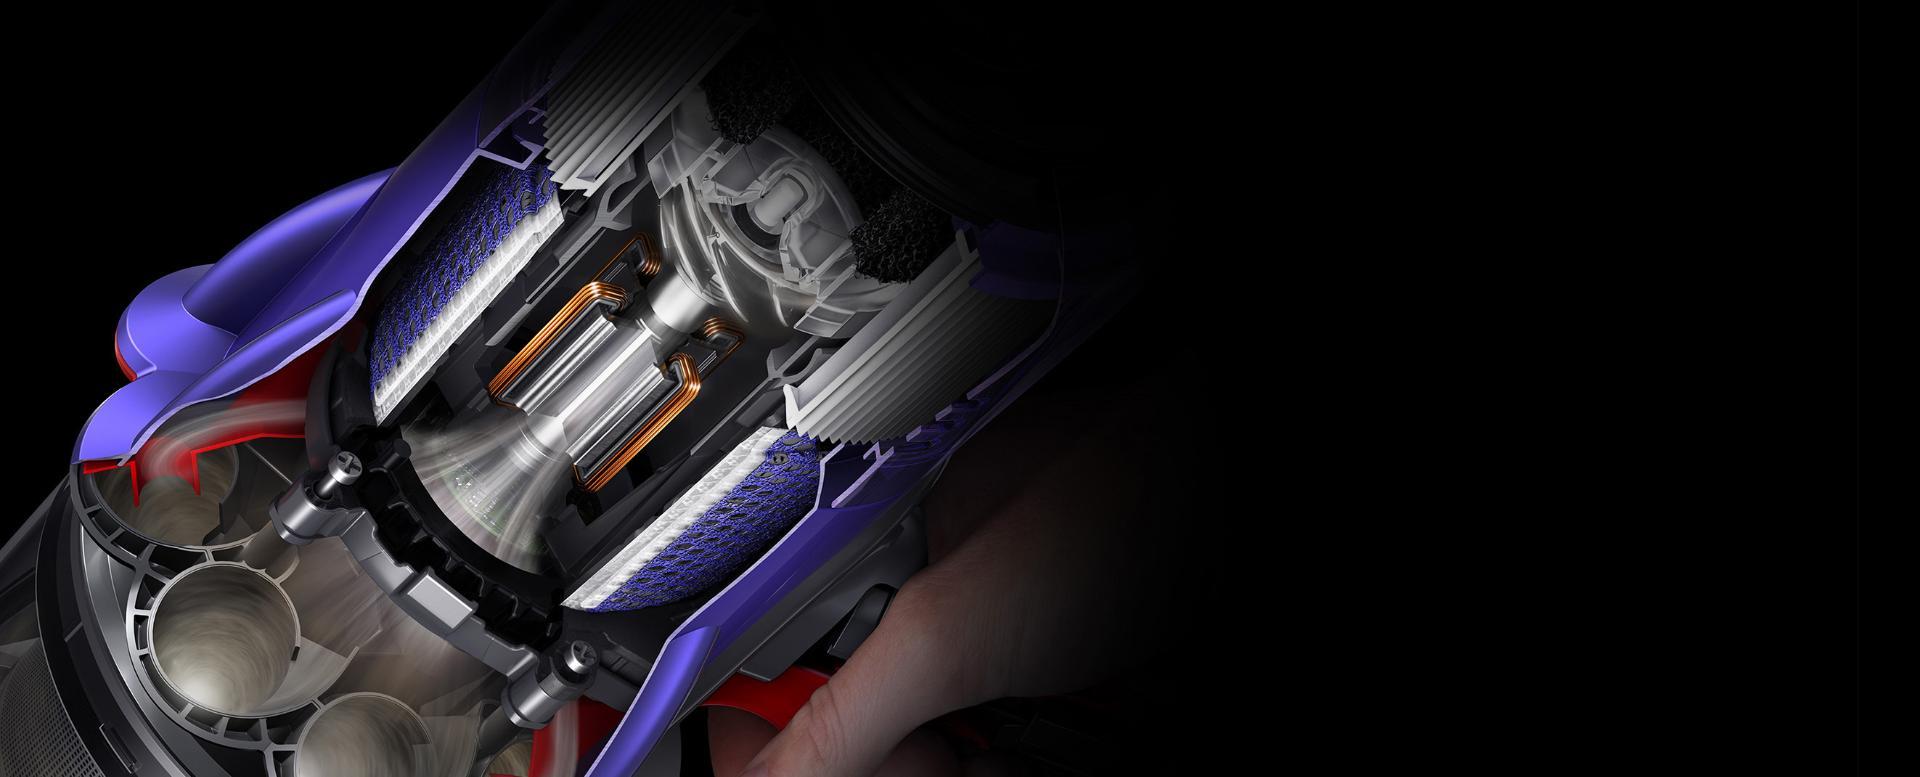 مخطط لقطات توضيحية يعرض المحرك والفلتر داخل المنكسة.